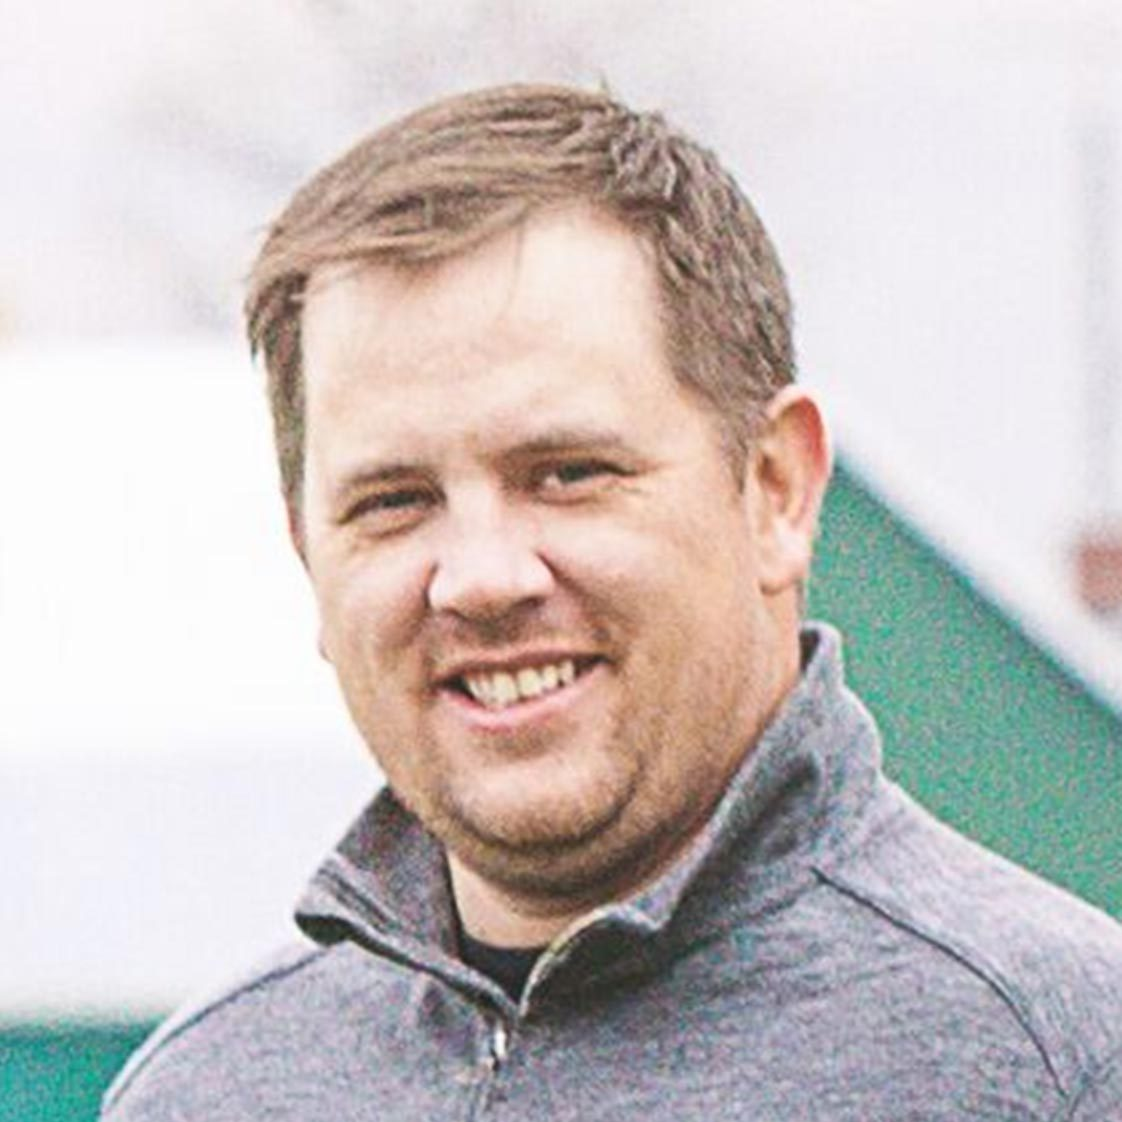 Kyle Van Groningen